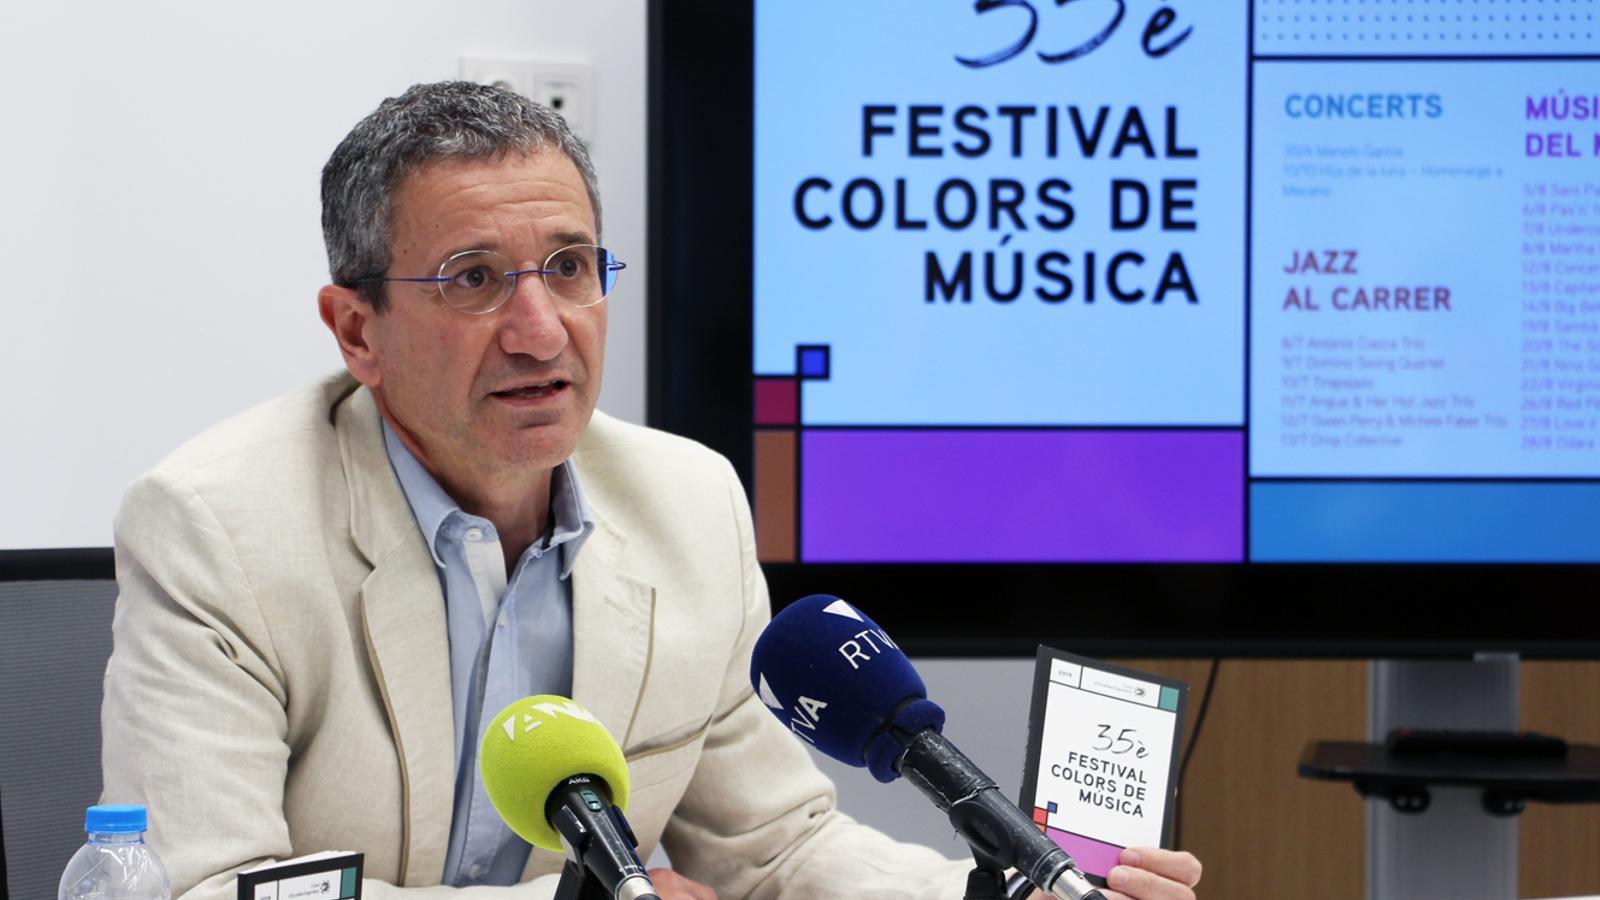 El conseller de Cultura del comú d'Escaldes-Engordany, Salomó Benchluch, durant la presentació de la 35a edició del Festival Colors de Música. / M. P. (ANA)